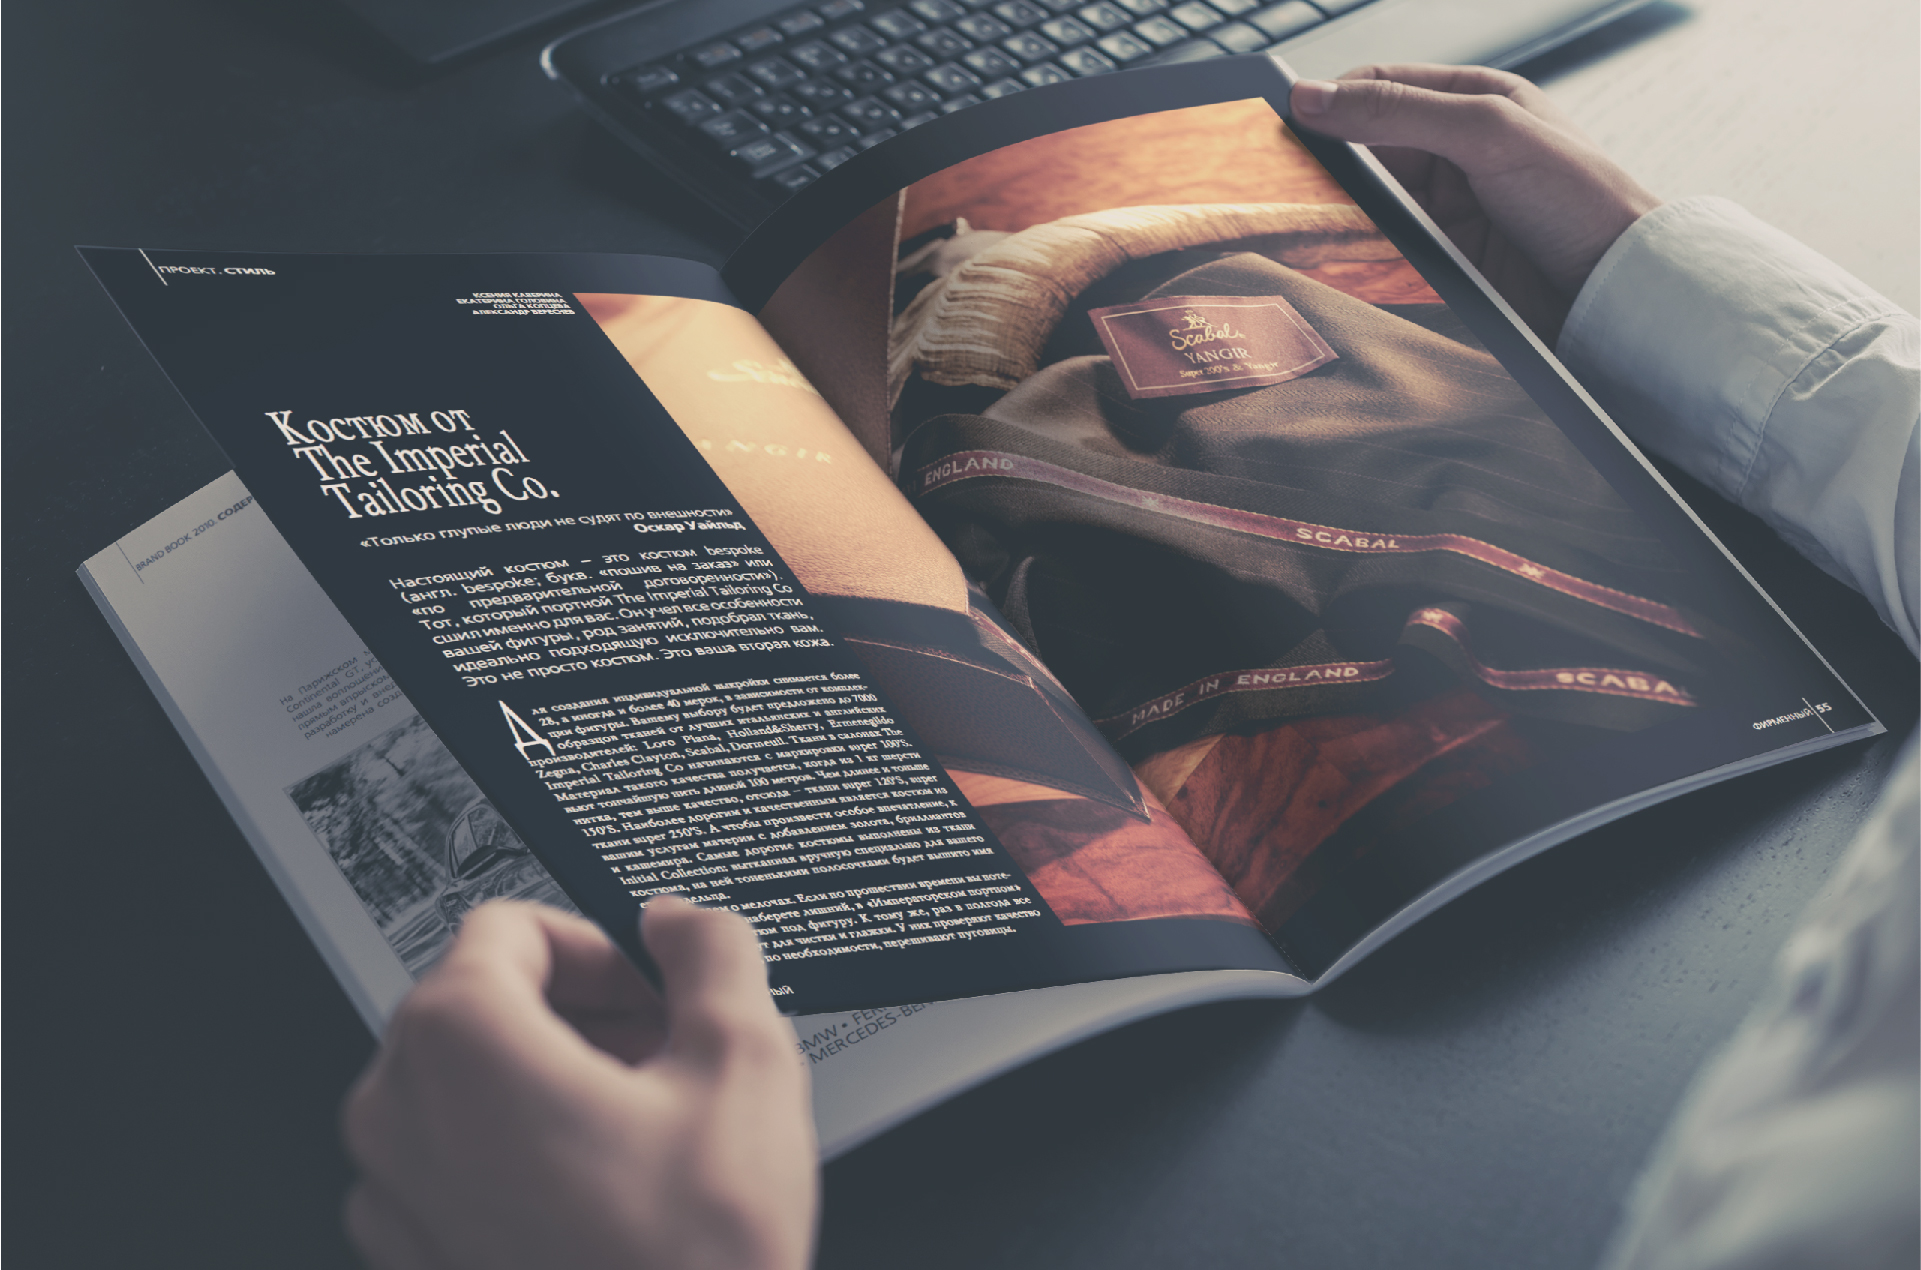 одновременно дизайн страницы журнала картинки музыку или оформите